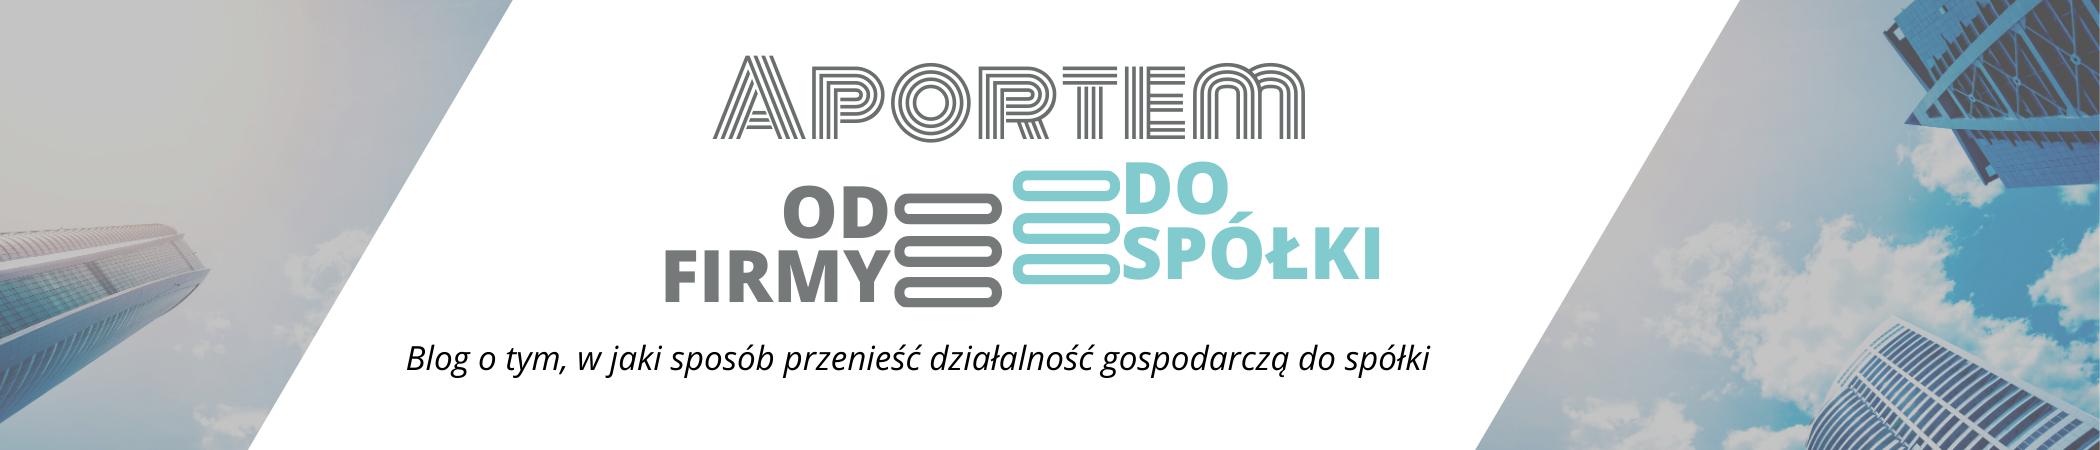 Aport przedsiębiorstwa